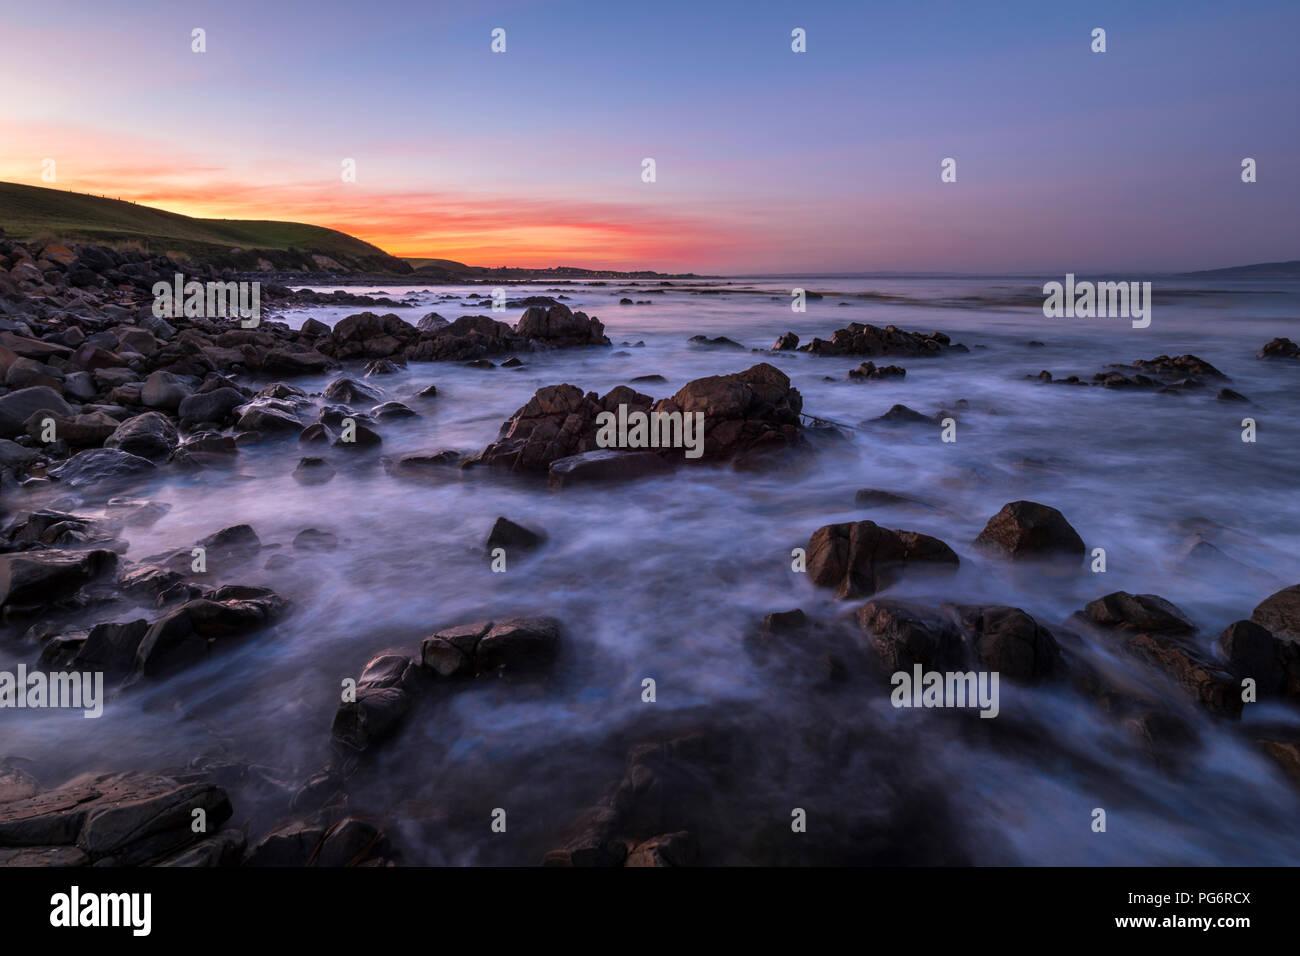 Nuova Zelanda, isola del sud, sud della strada panoramica, Catlins, tramonto al punto di Kaká Immagini Stock